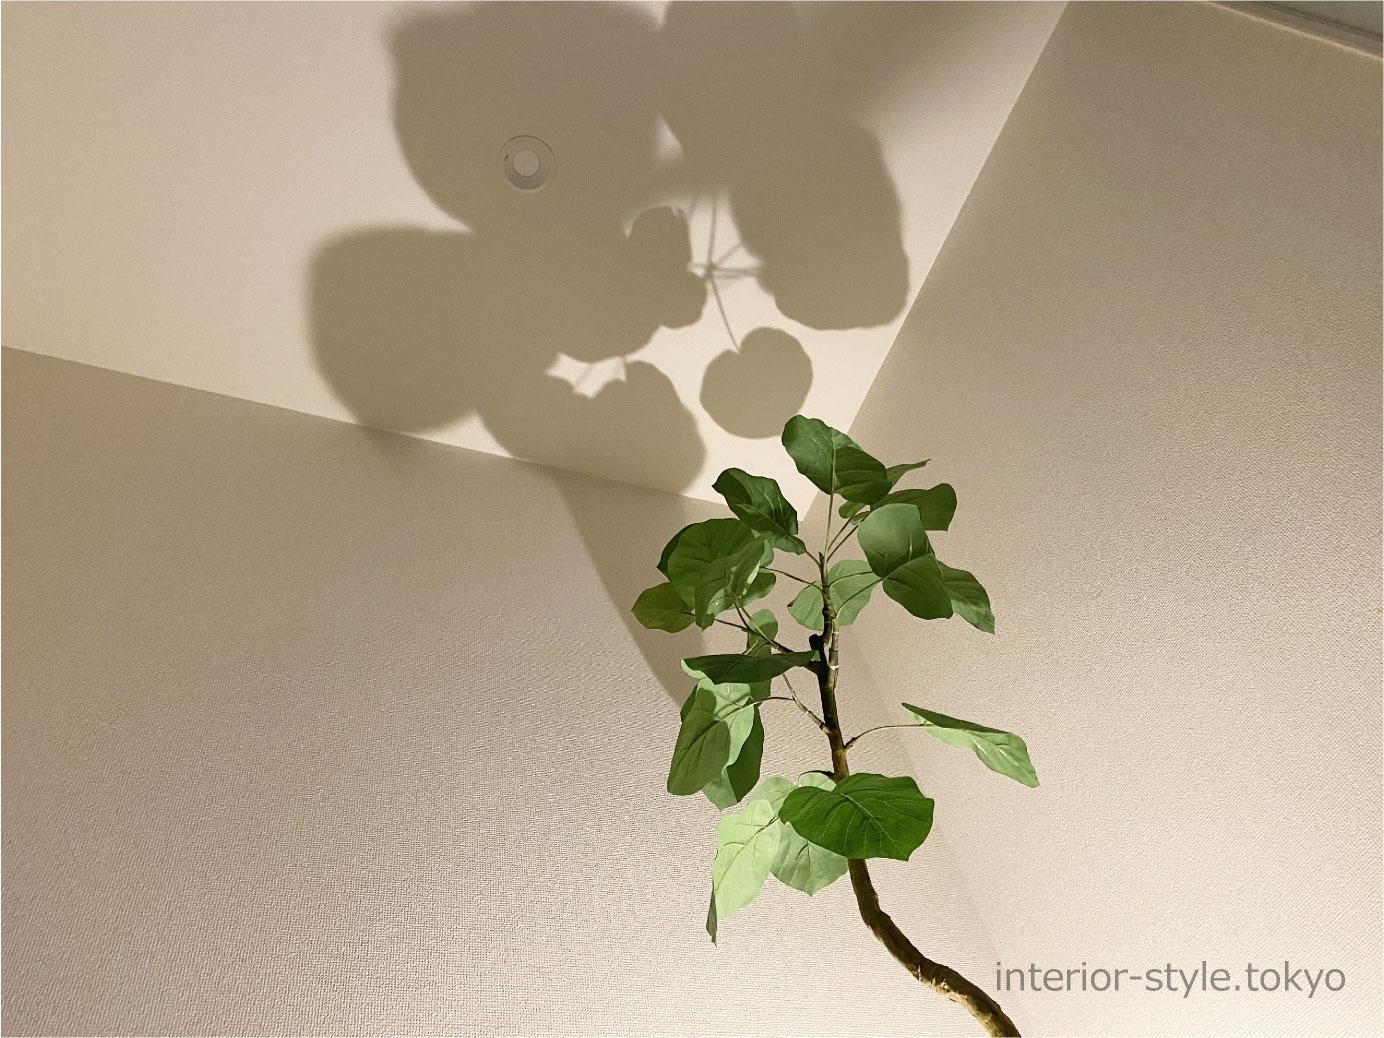 観葉植物をライトアップして天井に葉の影がうつる様子